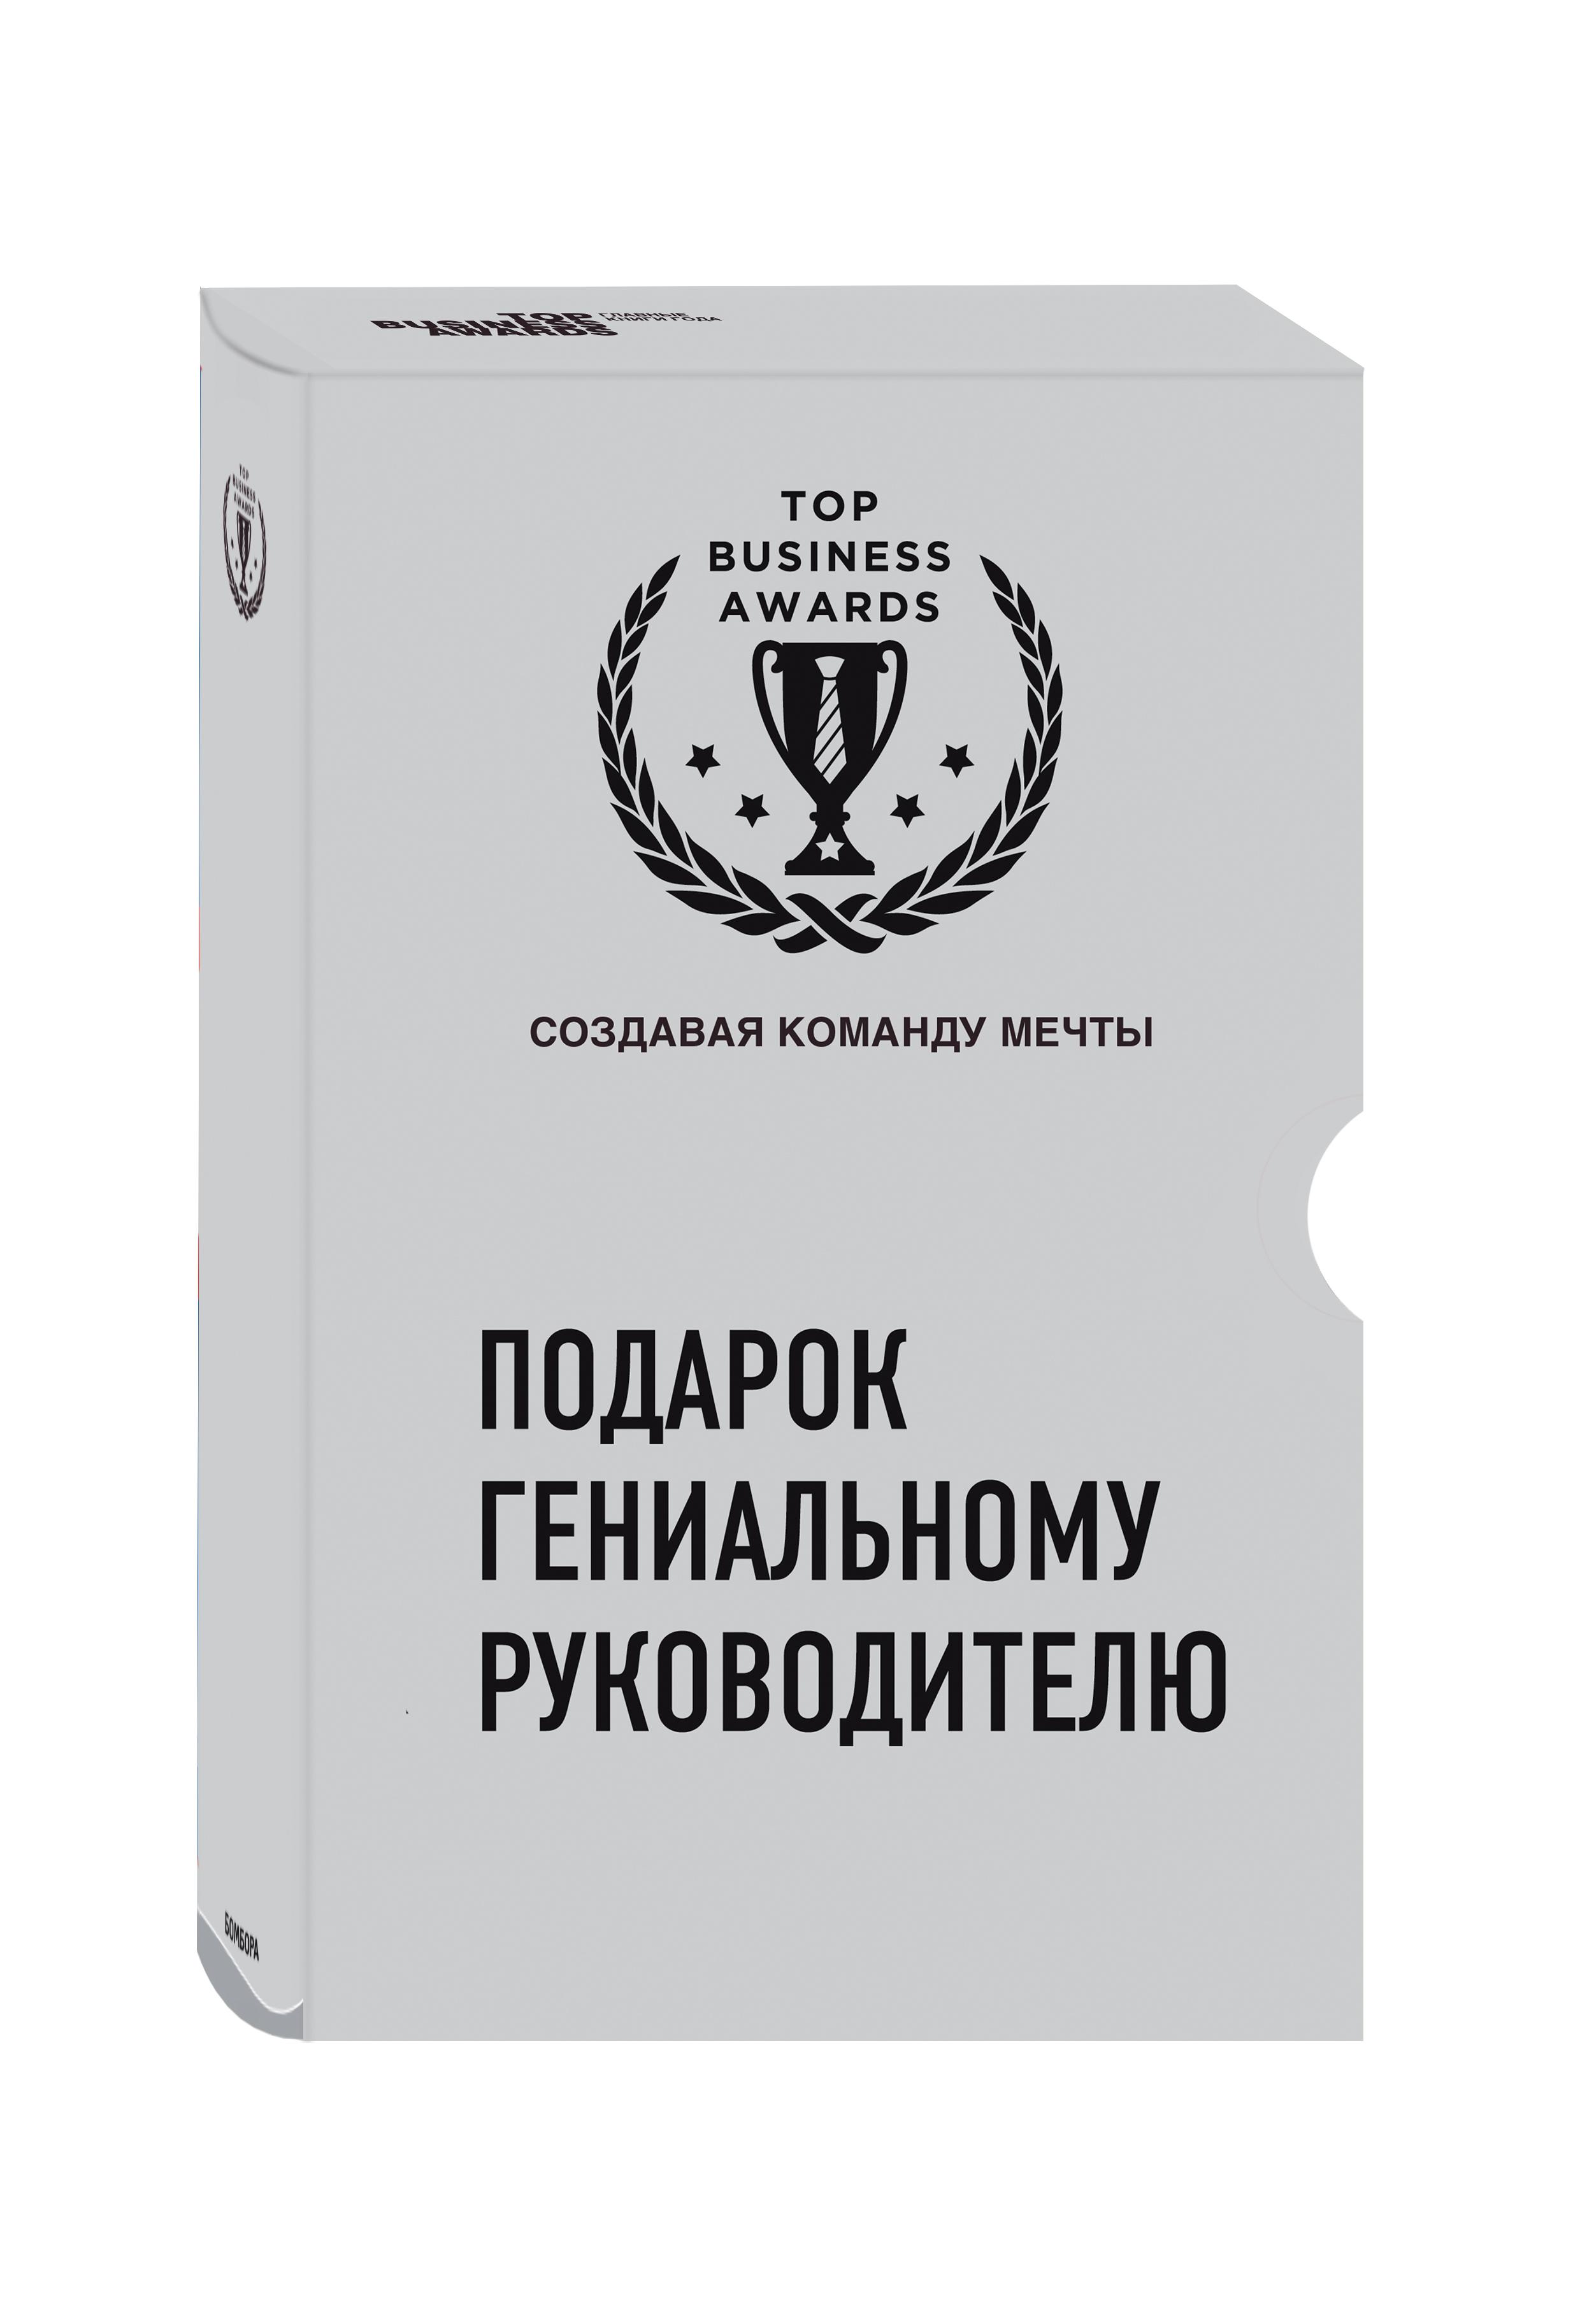 Подарок гениальному руководителю (Создавая команду мечты) от book24.ru